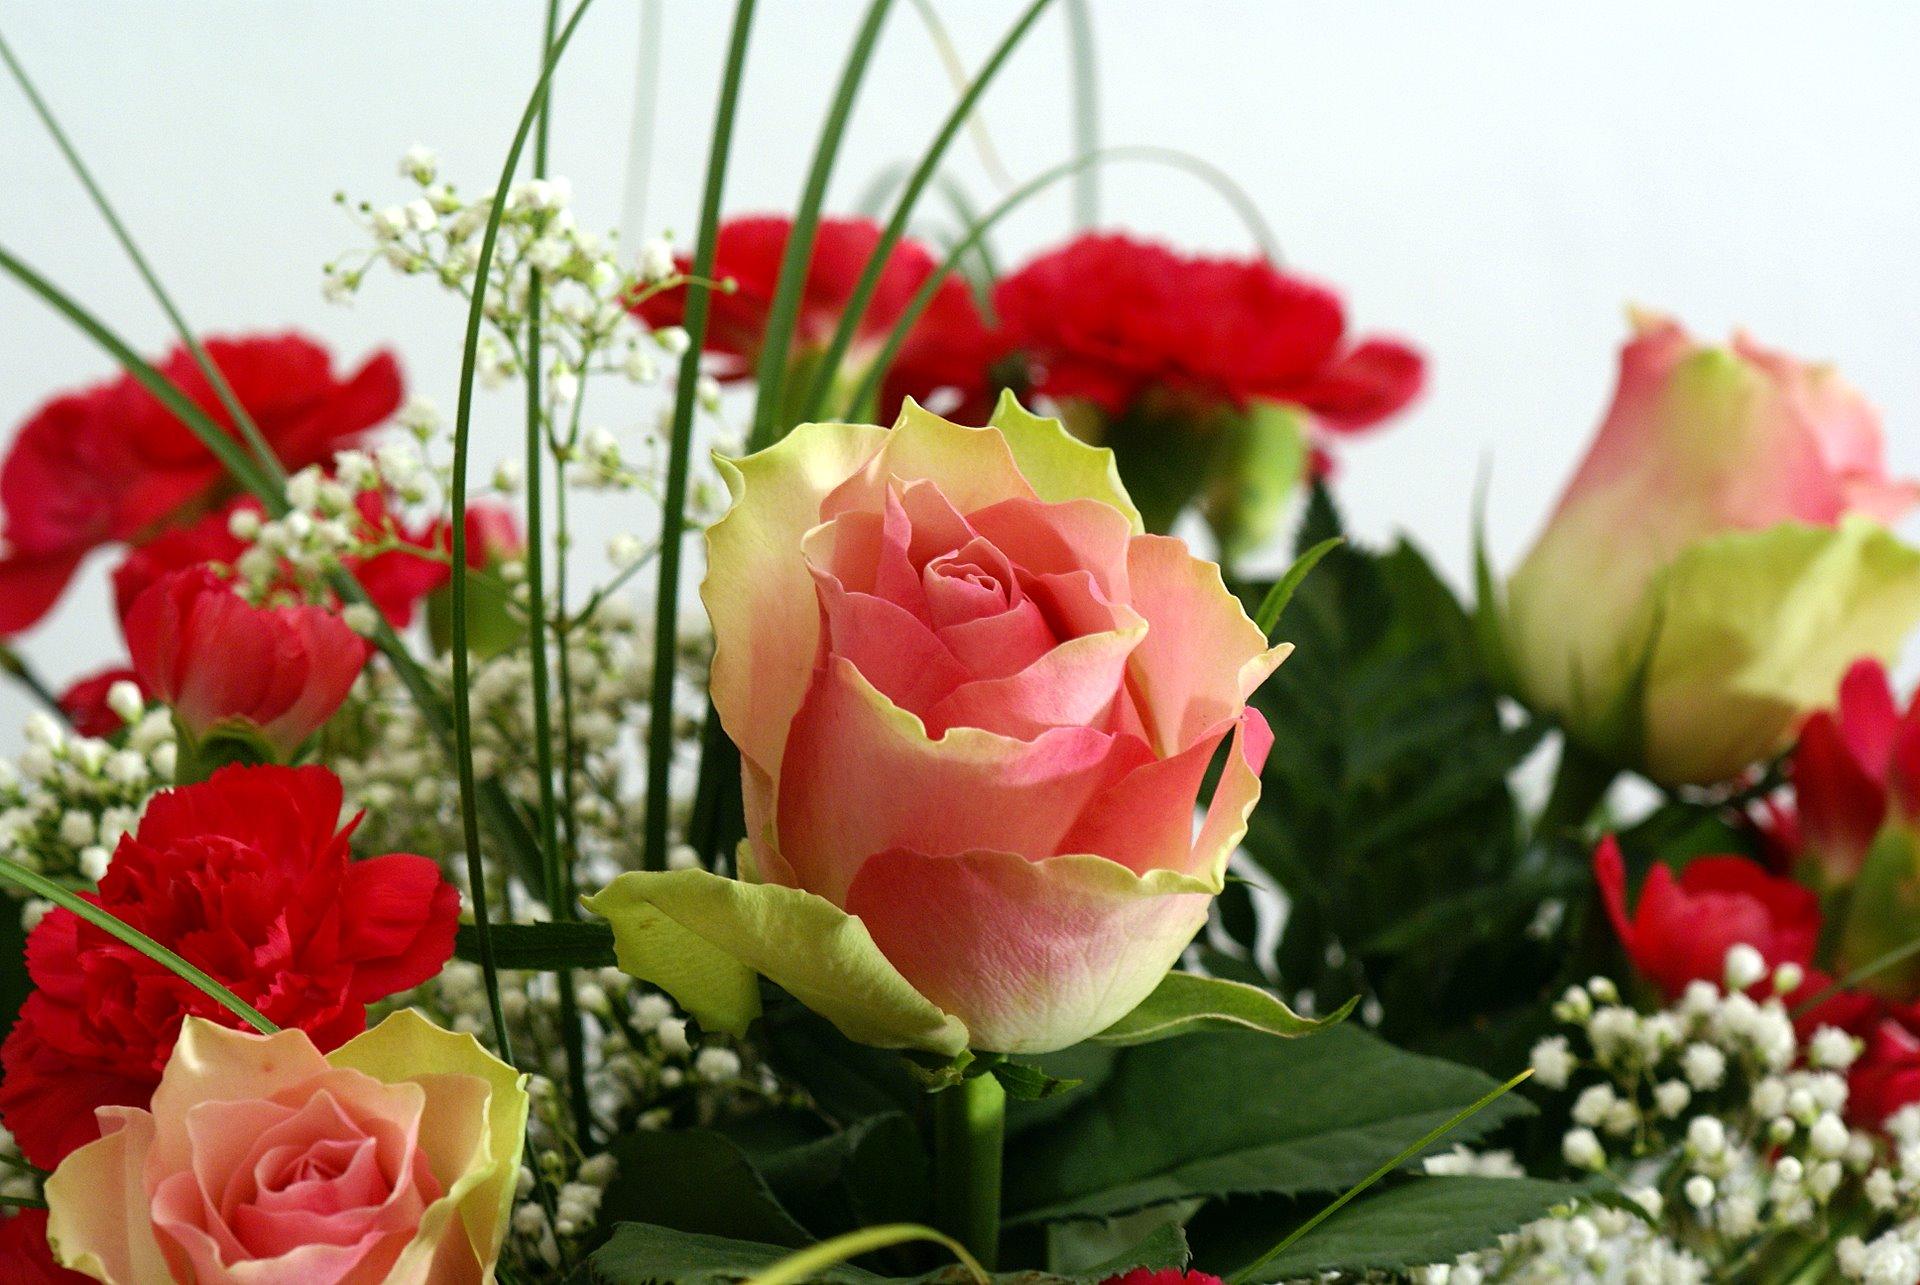 بالصور ورود من الطبيعة , اجمل صور لزهور جميلة 3752 6